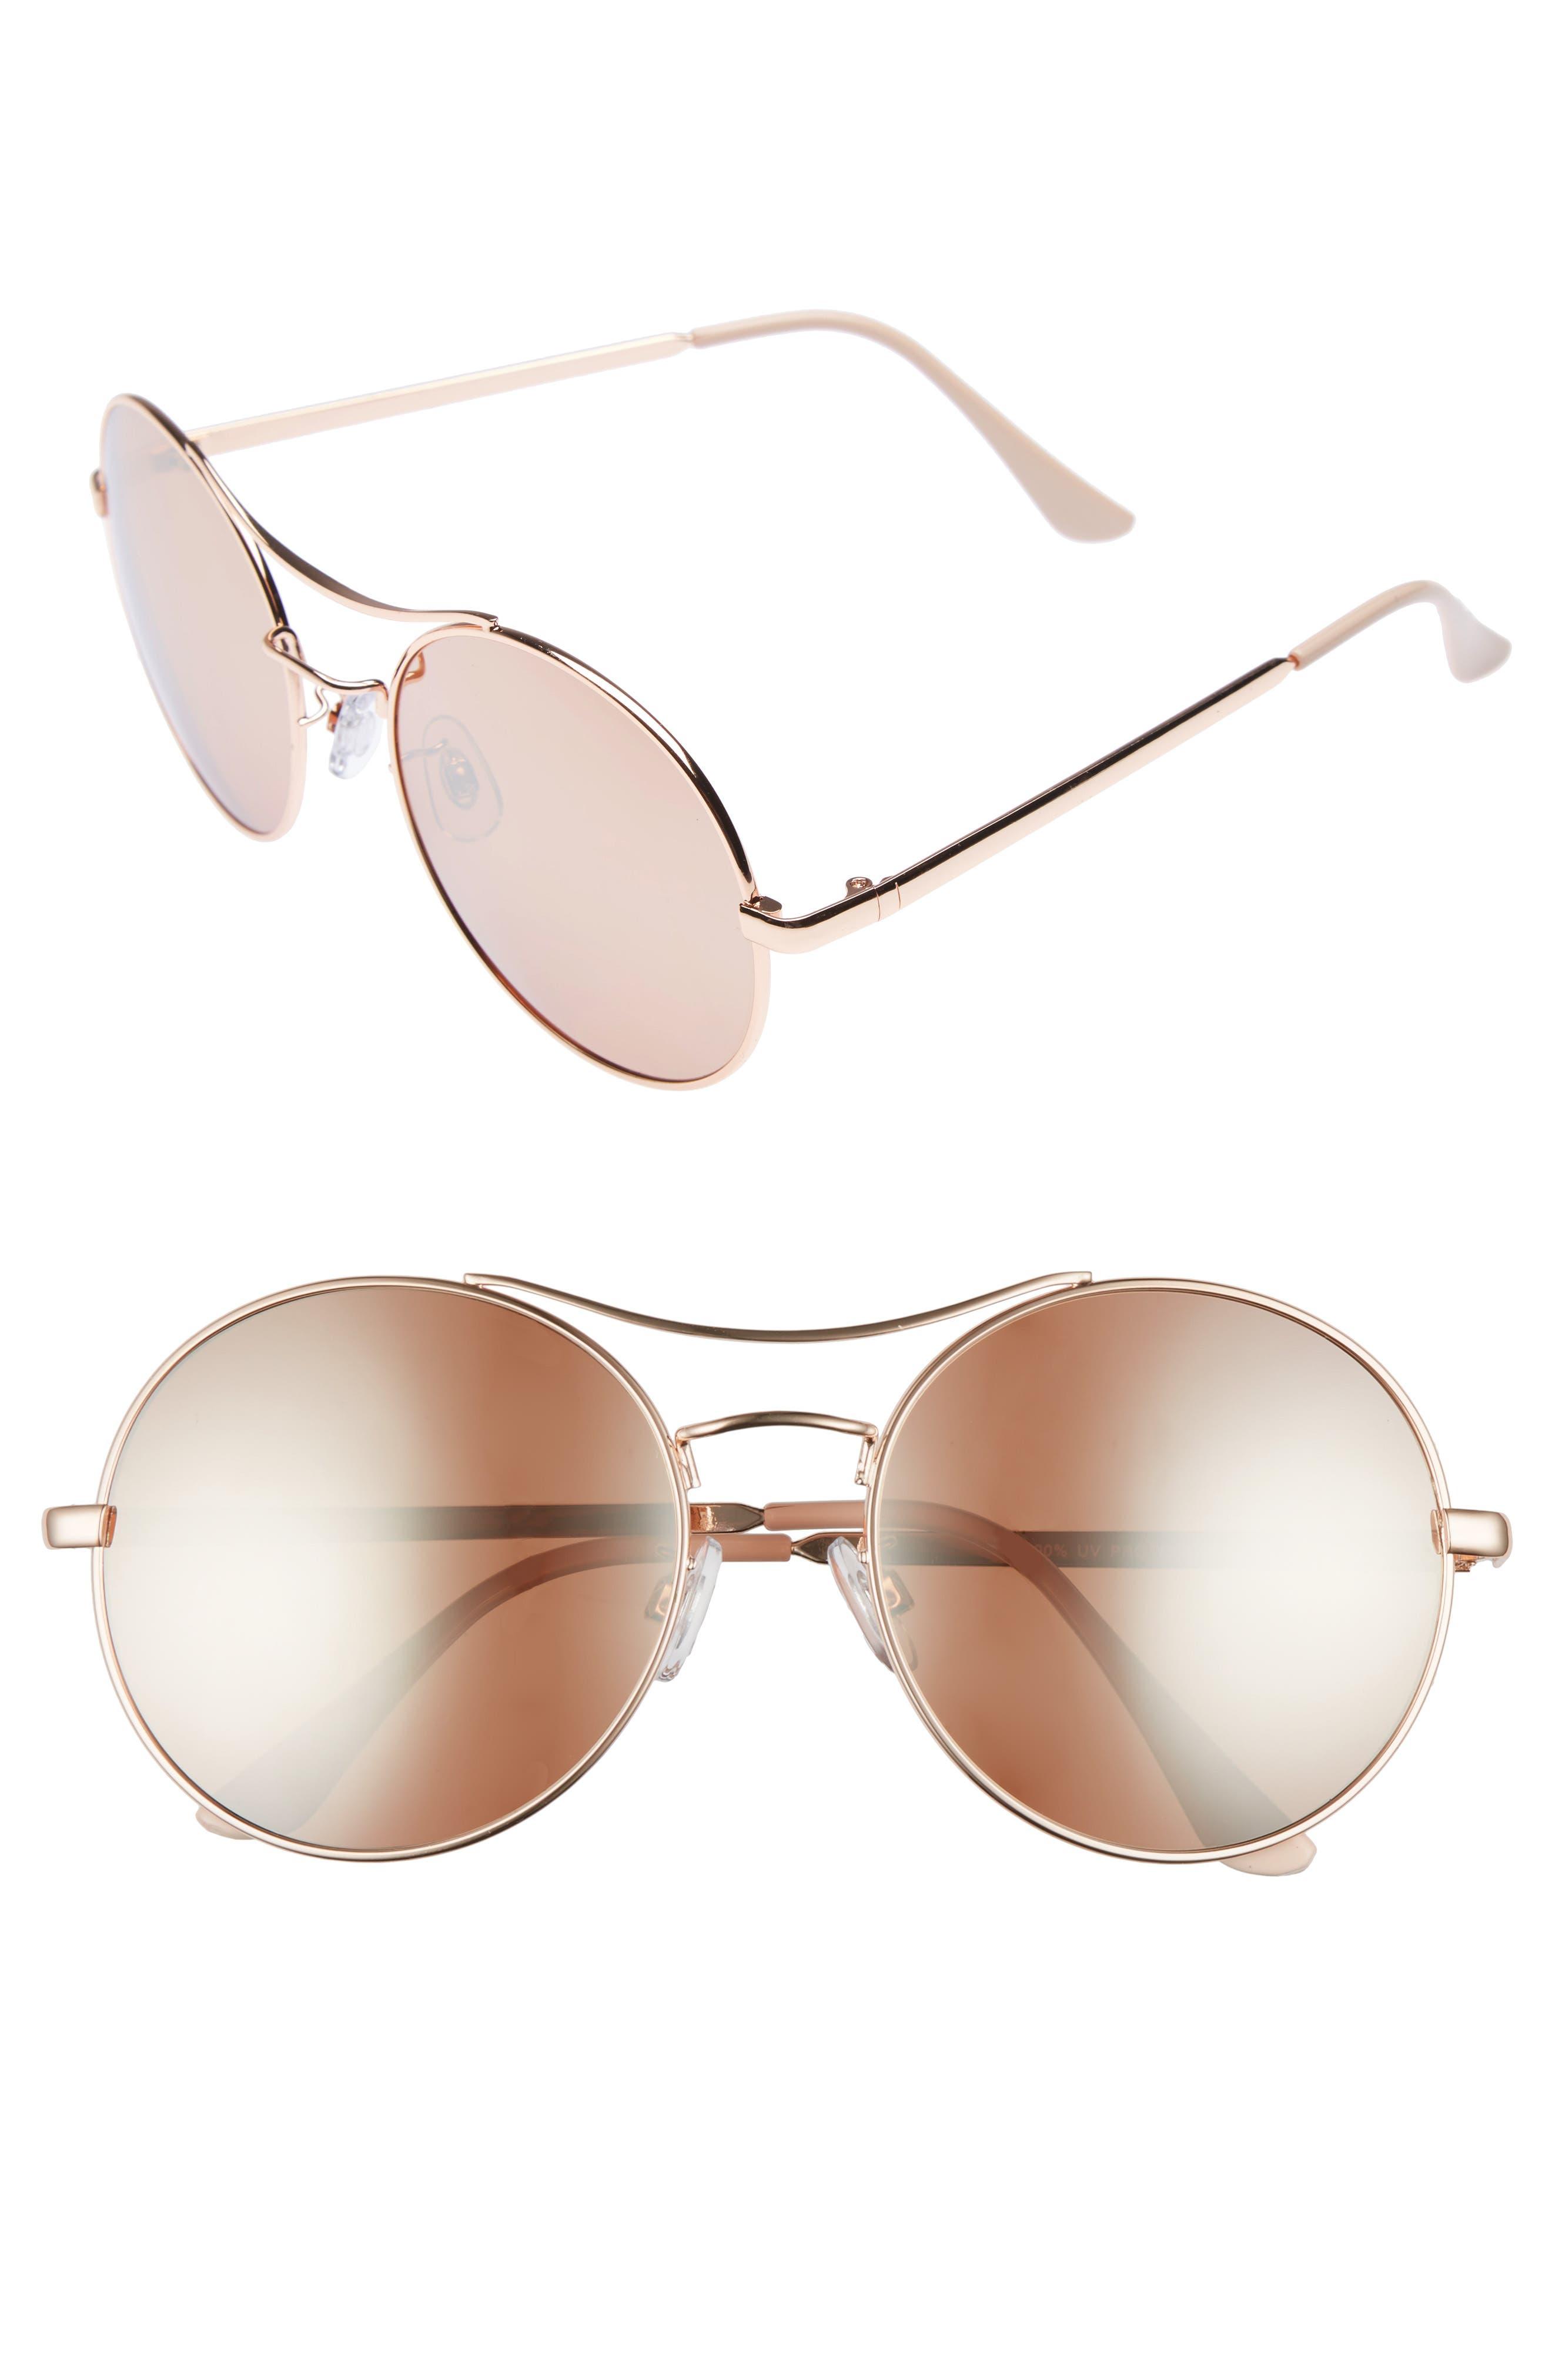 Main Image - BP. 58mm Oversize Round Sunglasses